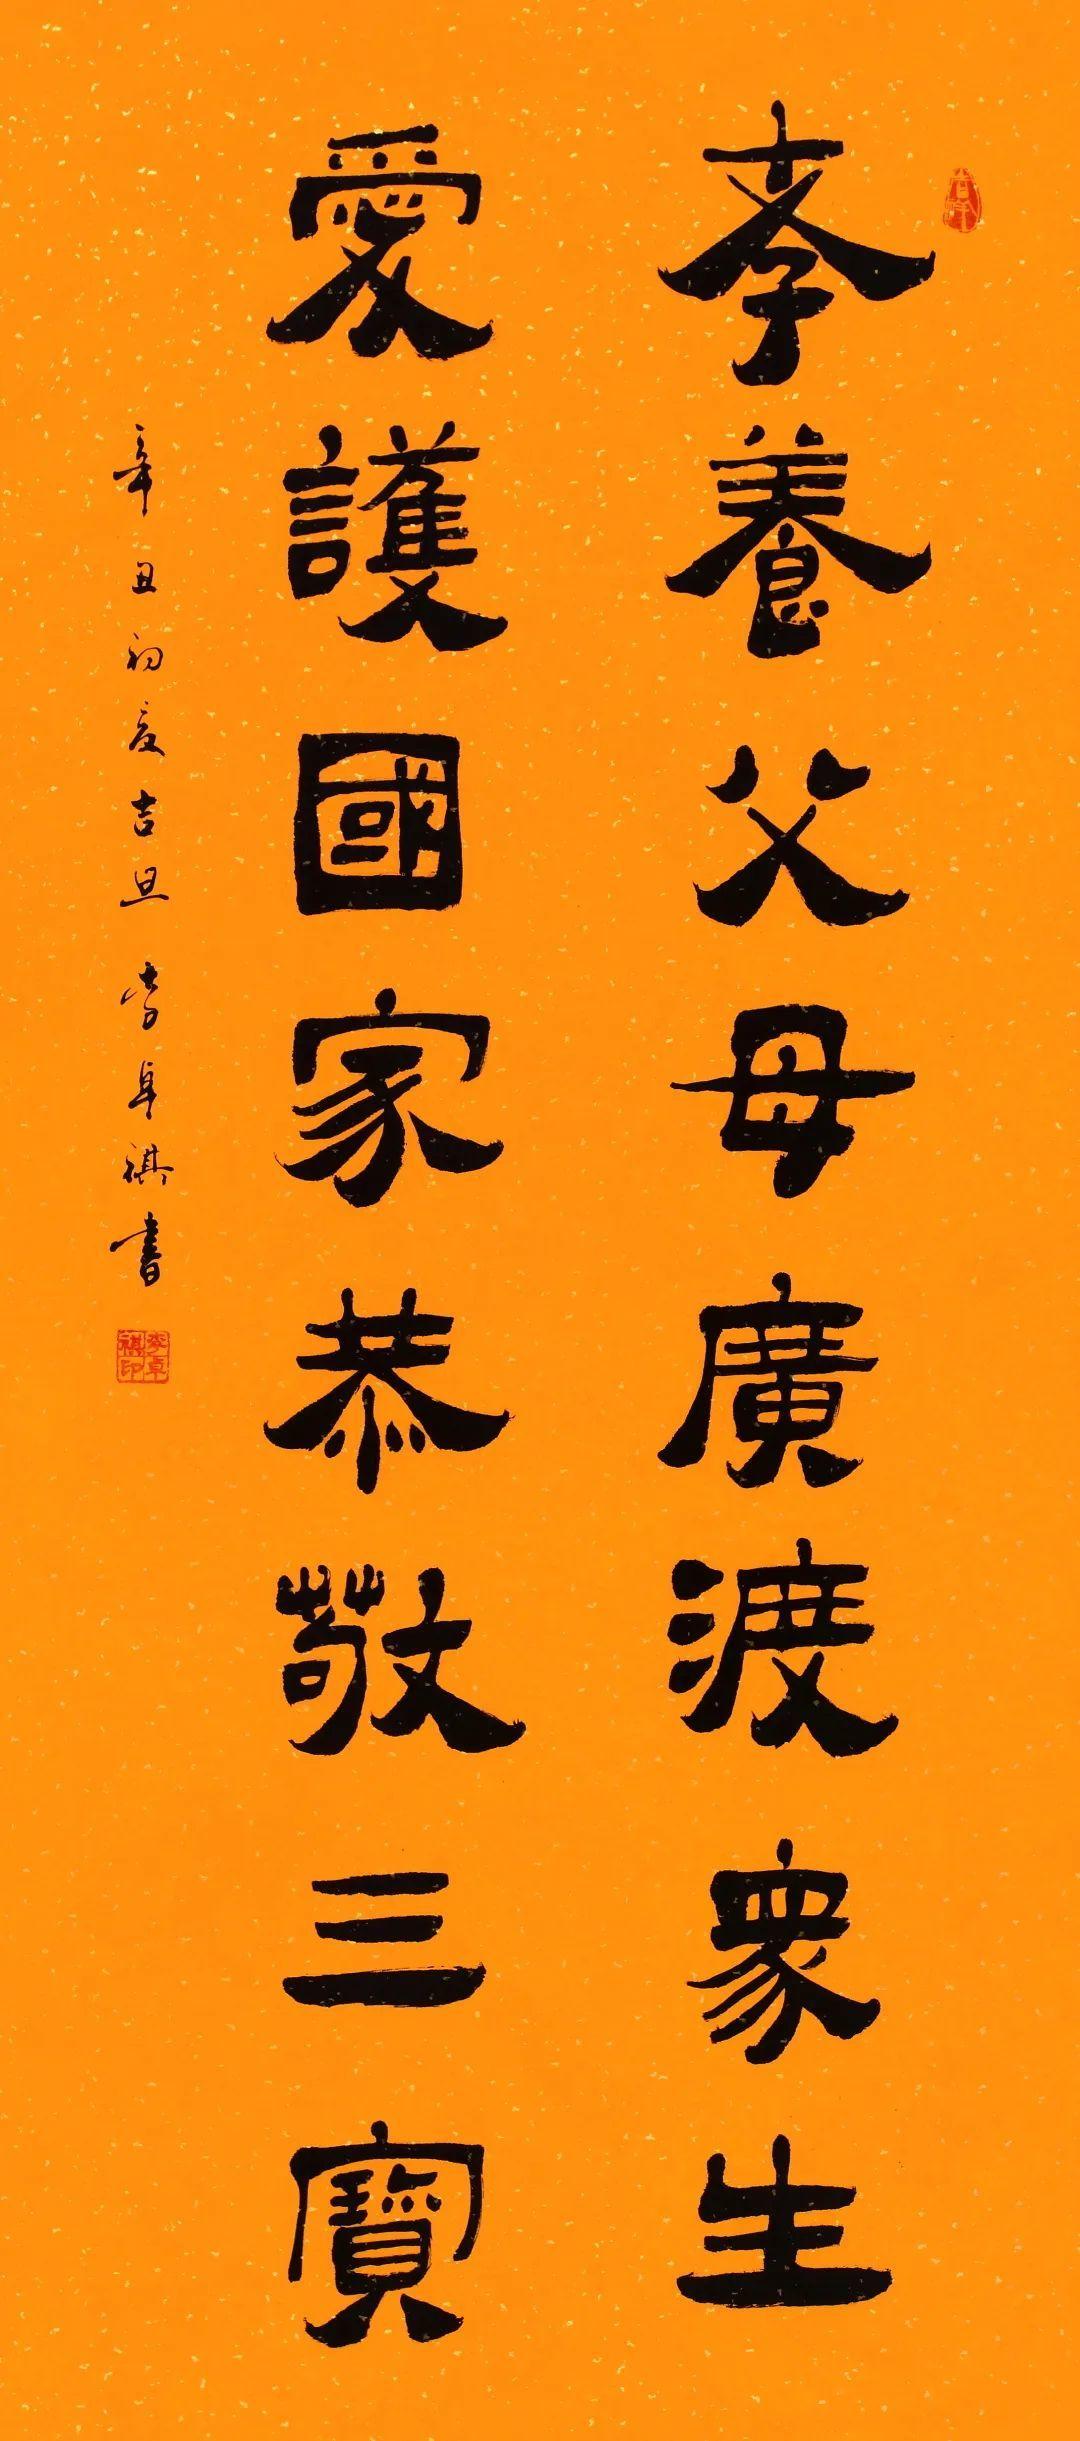 中国书法家协会会员、广州市书法家协会顾问李卓祺